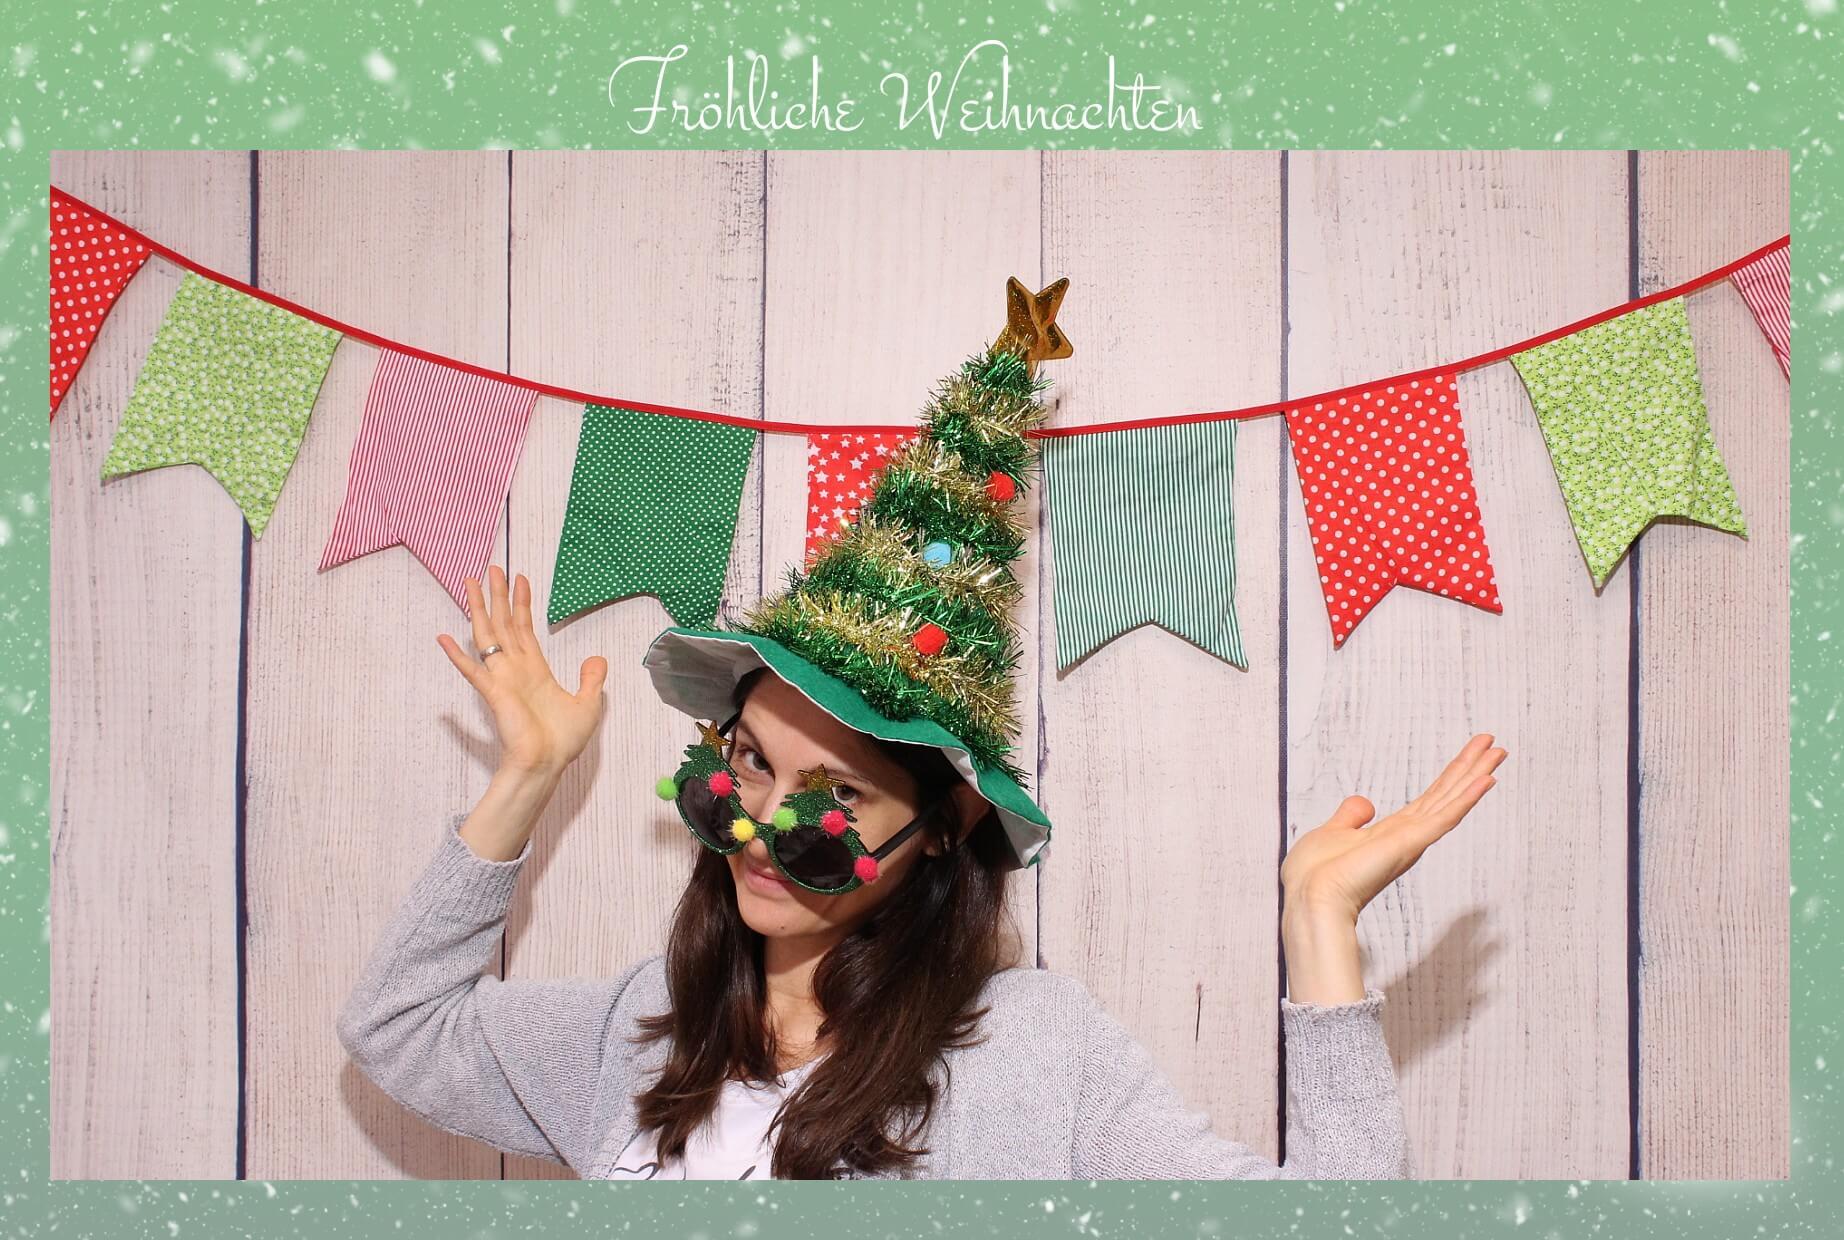 Fotobox Odenwald Weihnachten